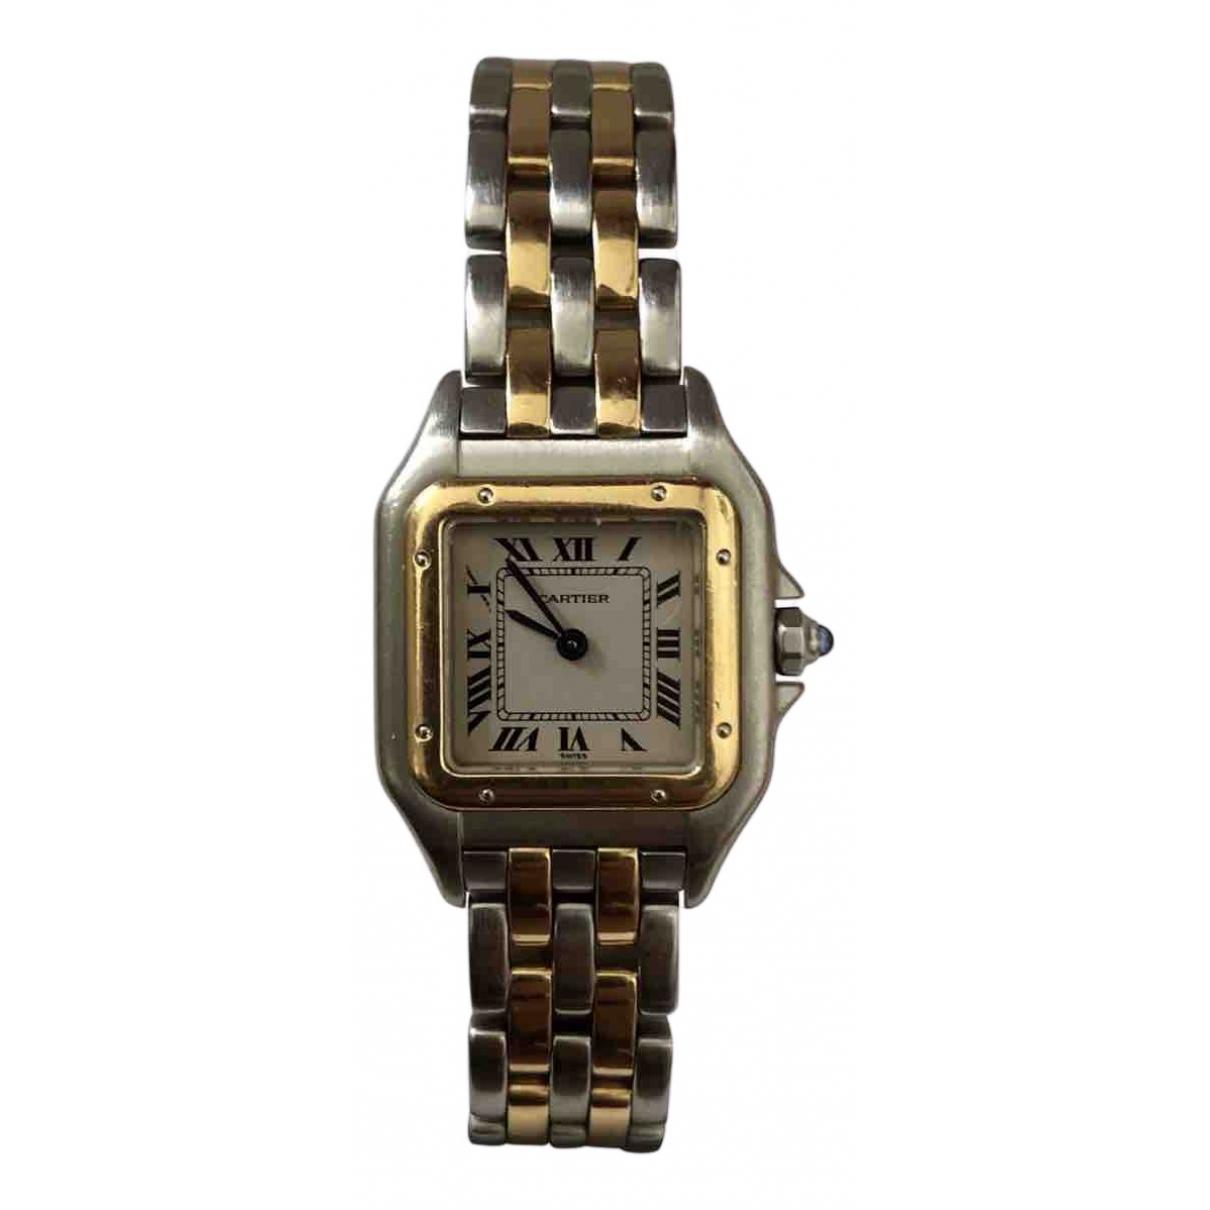 Cartier Panthere Uhr in  Grau Gold und Stahl